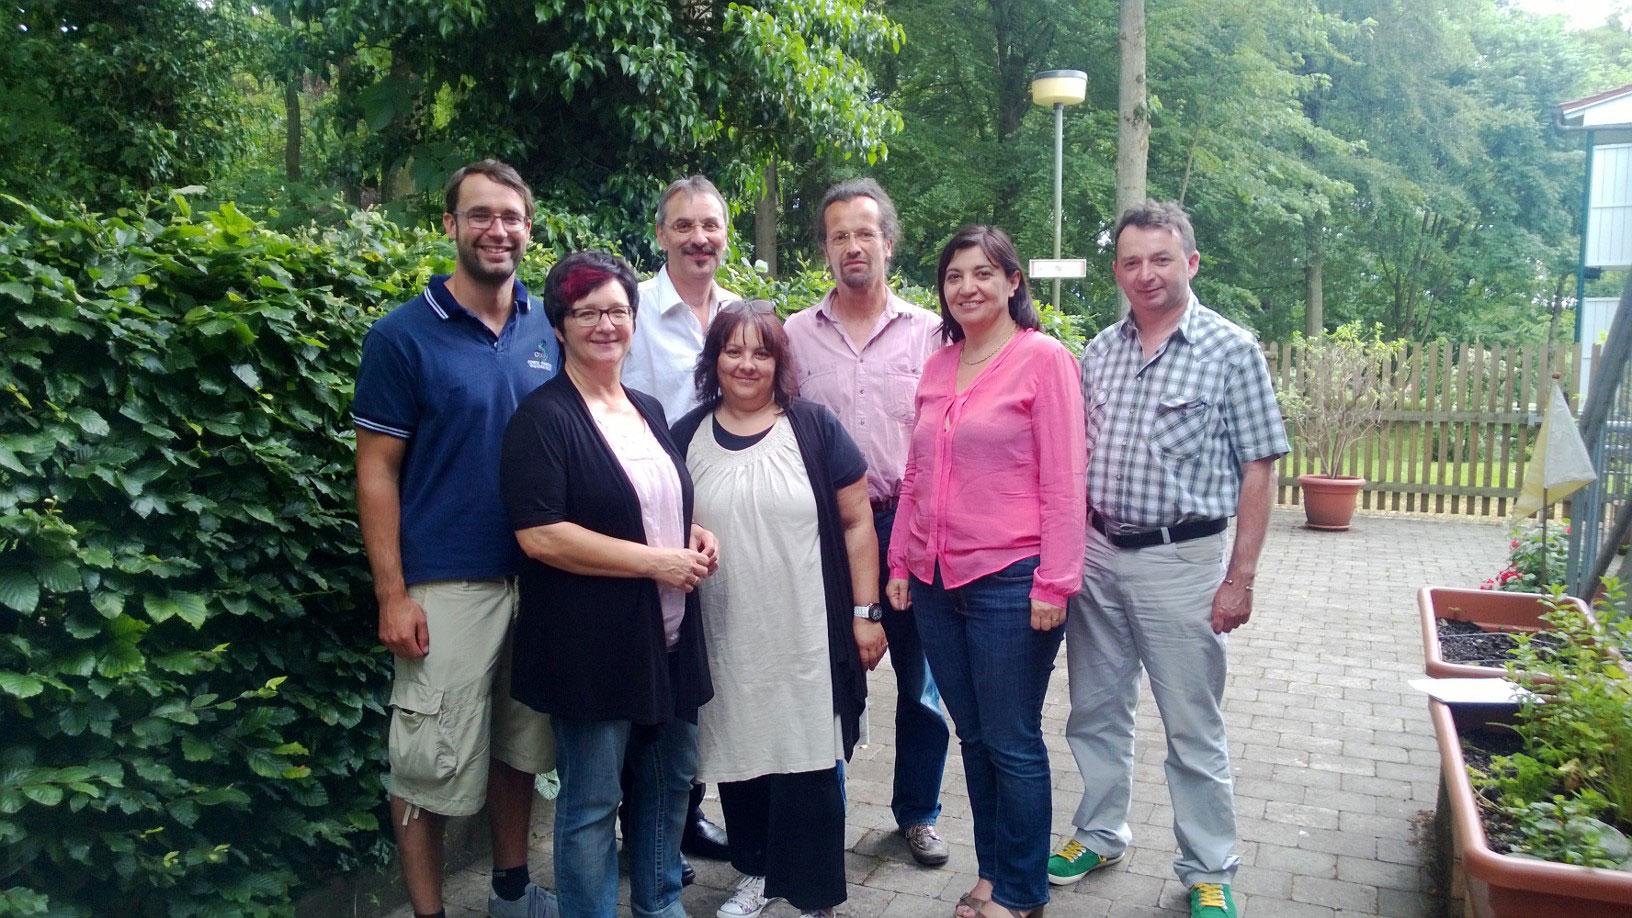 Demenztour mit MdB Ekin Deligöz in Schwaben 2013